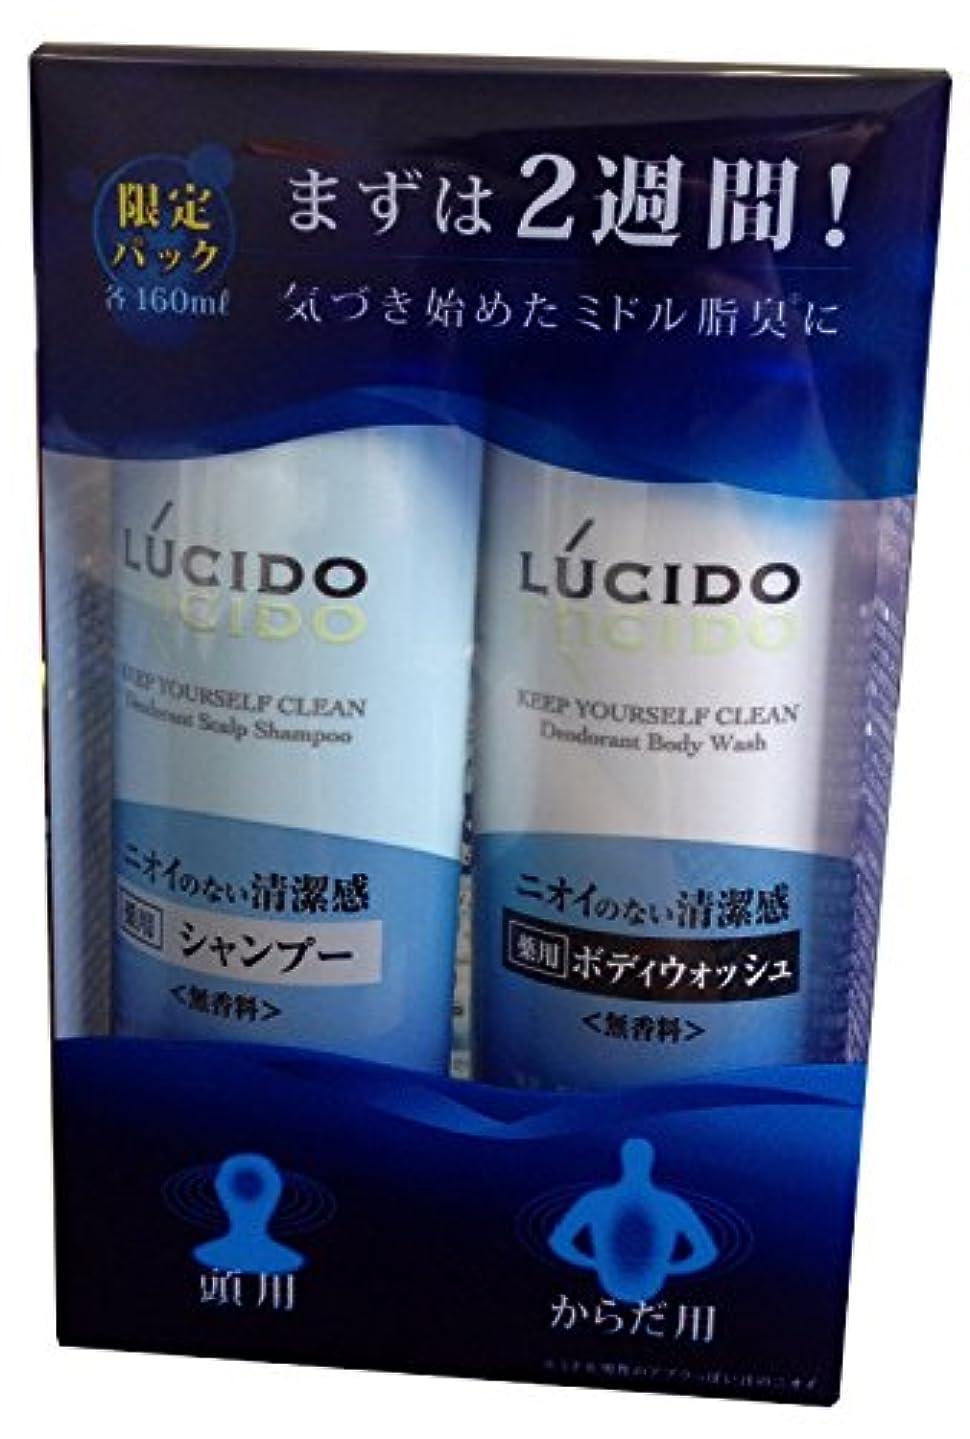 ガラス心のこもった契約するLUCIDO ルシード 薬用スカルプデオシャンプー160ml+薬用デオドラントボディウォッシュ160ml 限定パック